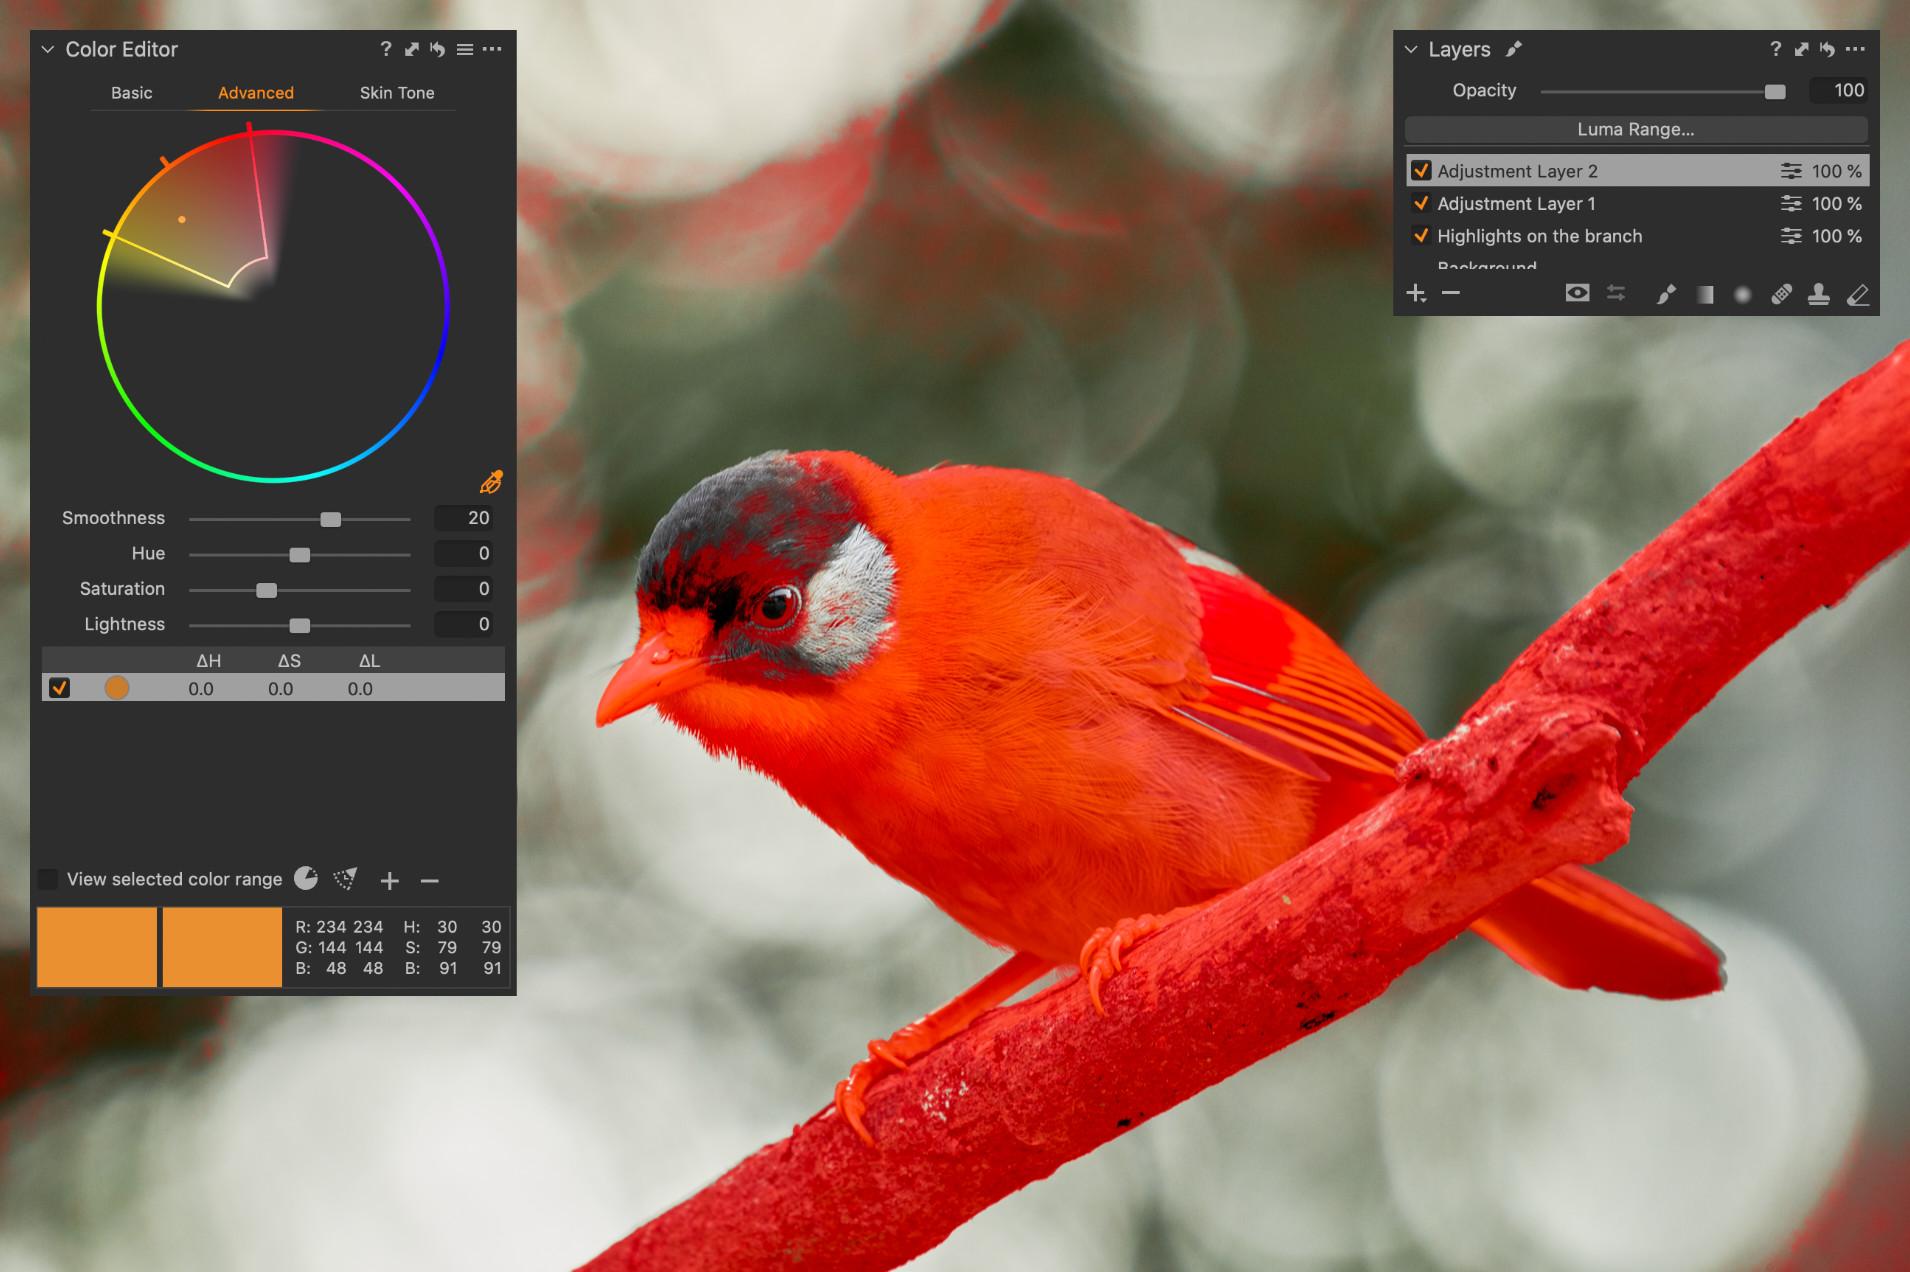 Upravený výběr – mírně posunutý výřez barevného kruhu zmenšil vliv v pozadí a zahrnuje nově také červené peří na křídle timálie